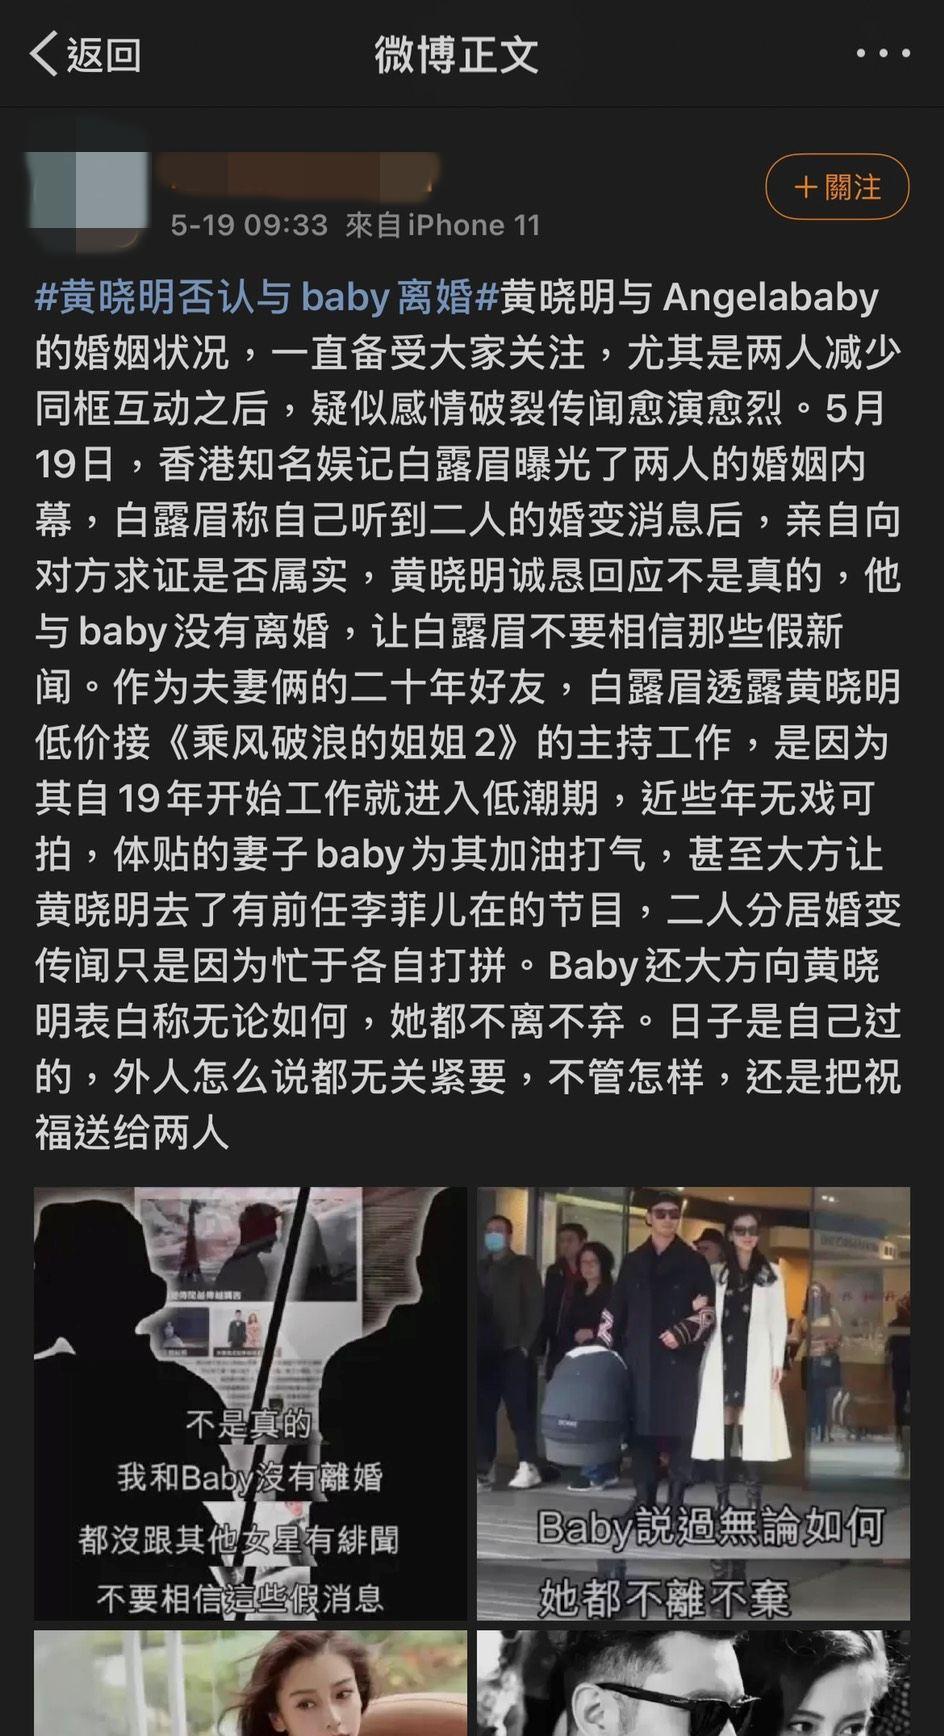 傳香港娛樂記者曝黃曉明婚姻內幕。 圖/擷自微博。